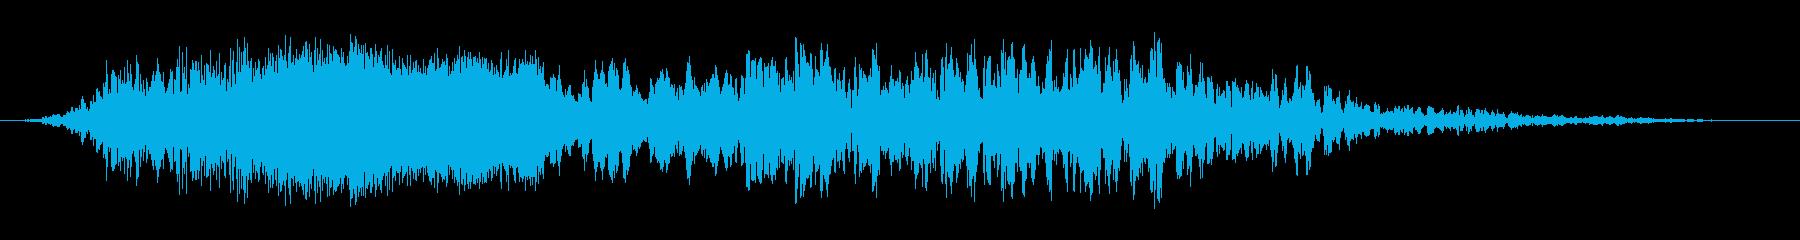 コメットトレイル3の再生済みの波形